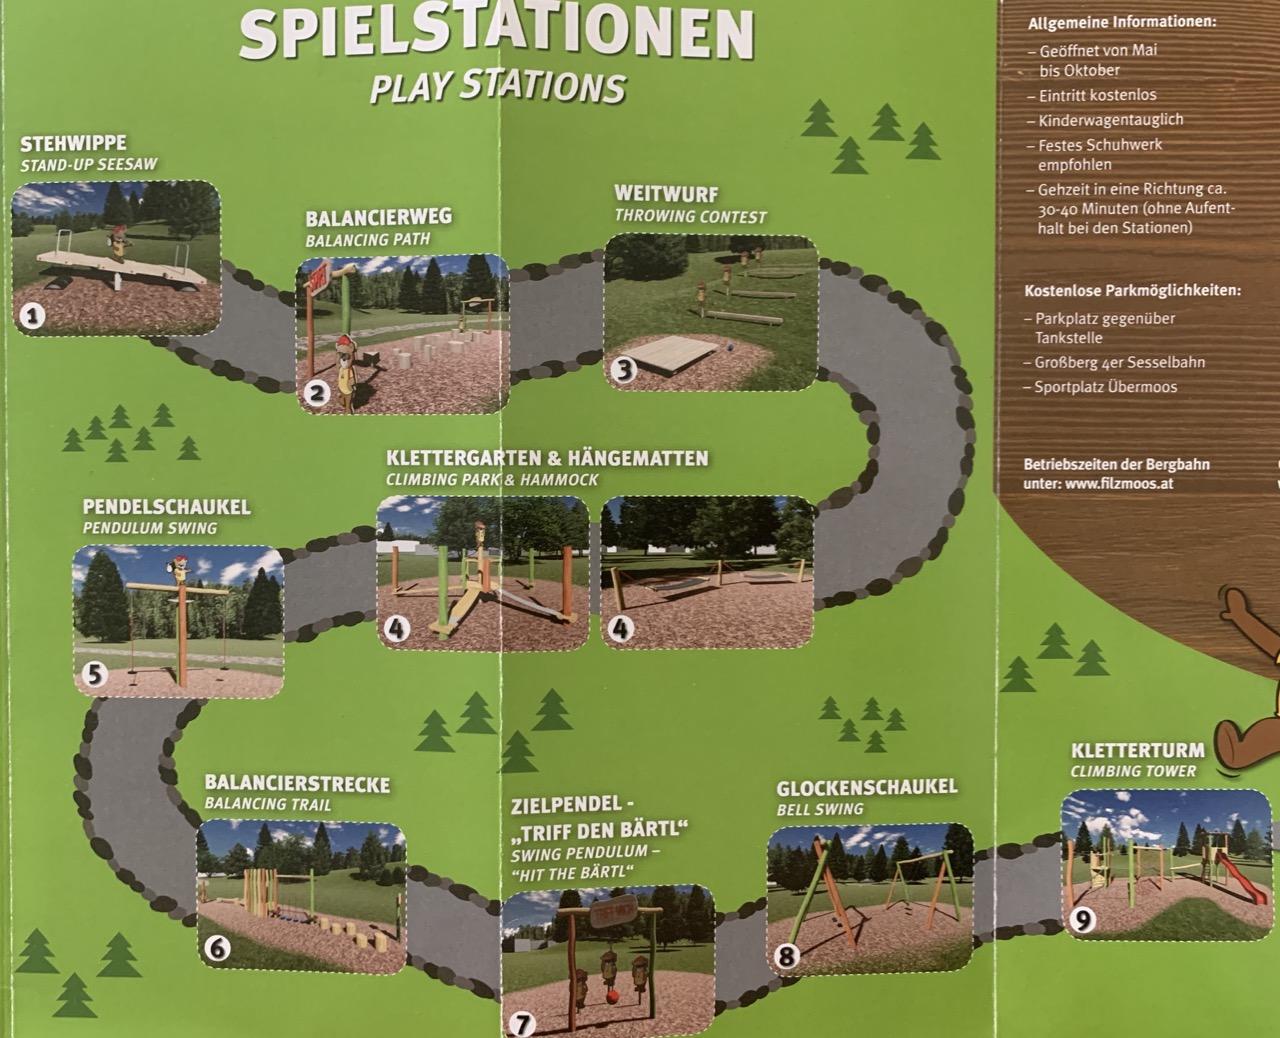 Filzmoos Alpenhof Bärtis Familienwanderweg